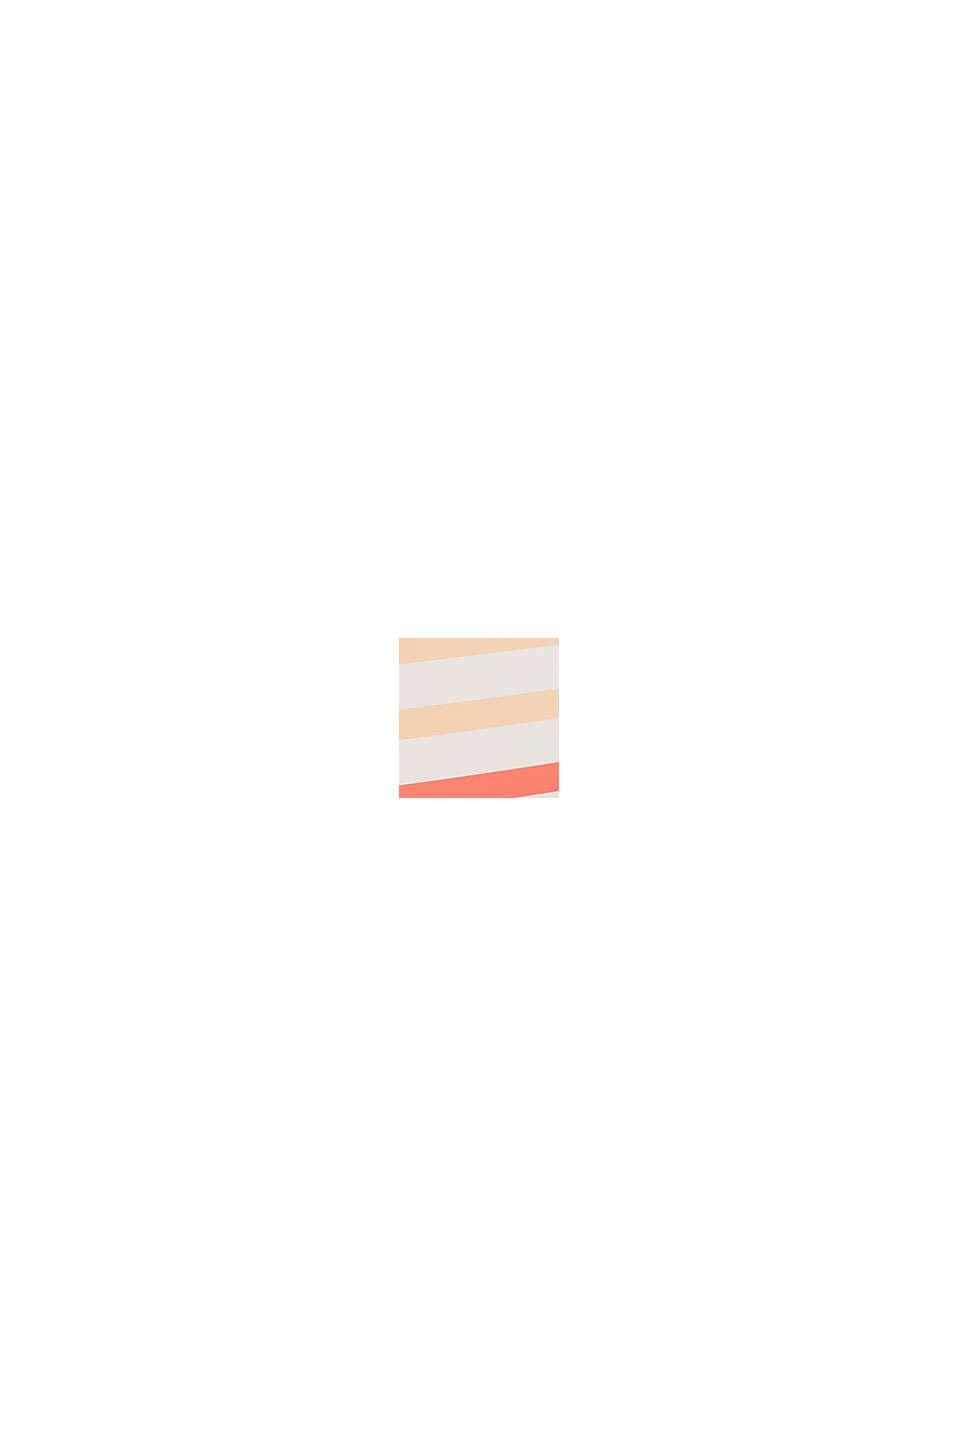 life by ESPRIT Eau de Toilette, 20 ml, ONE COLOUR, swatch